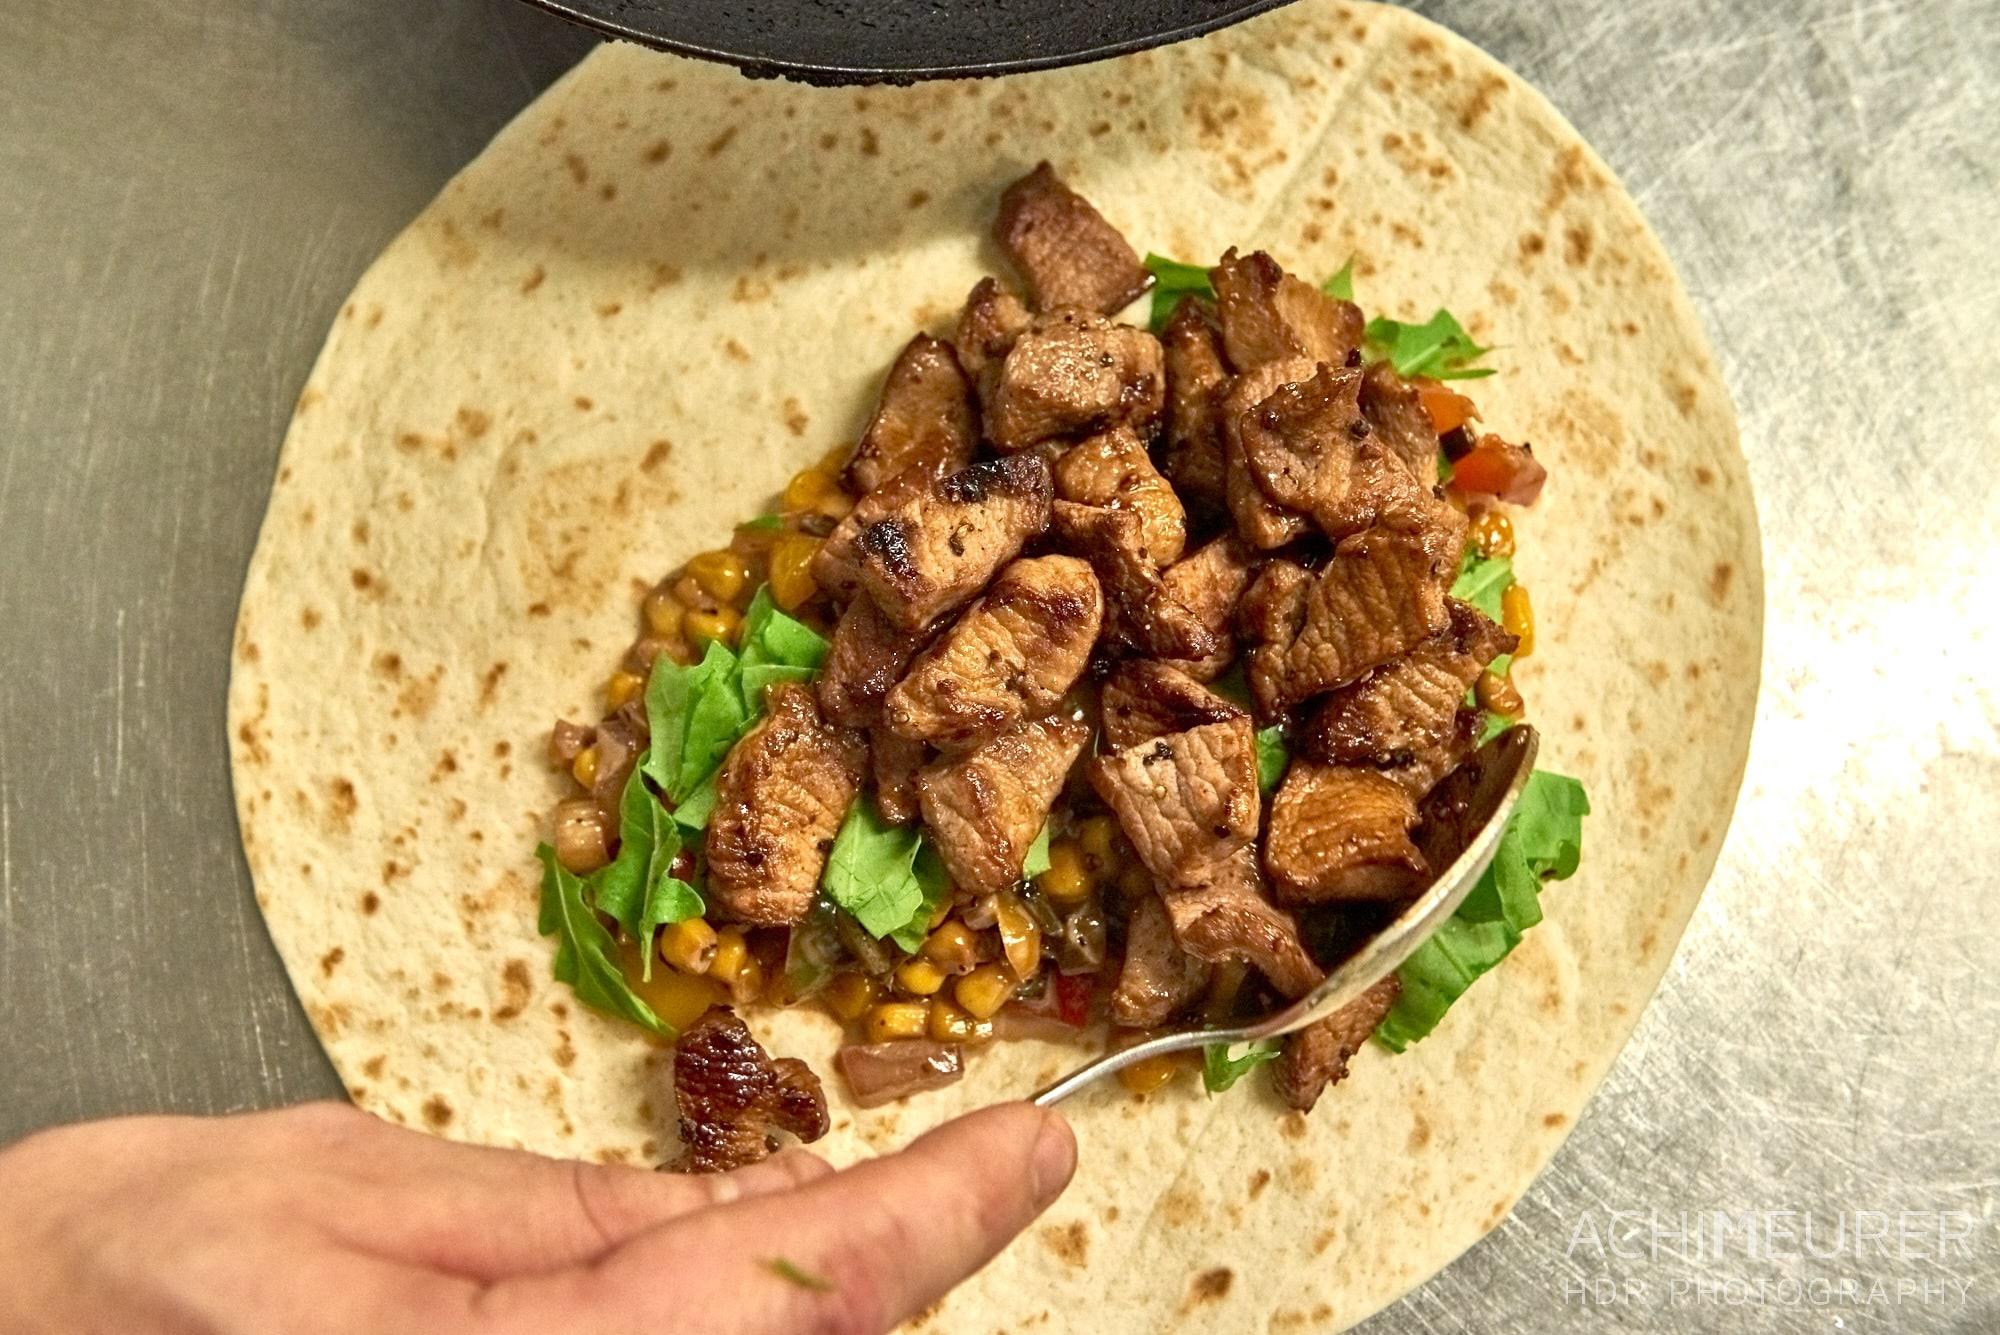 WIldschwein-Wrap in der Gaststätte Reitling #nhavo